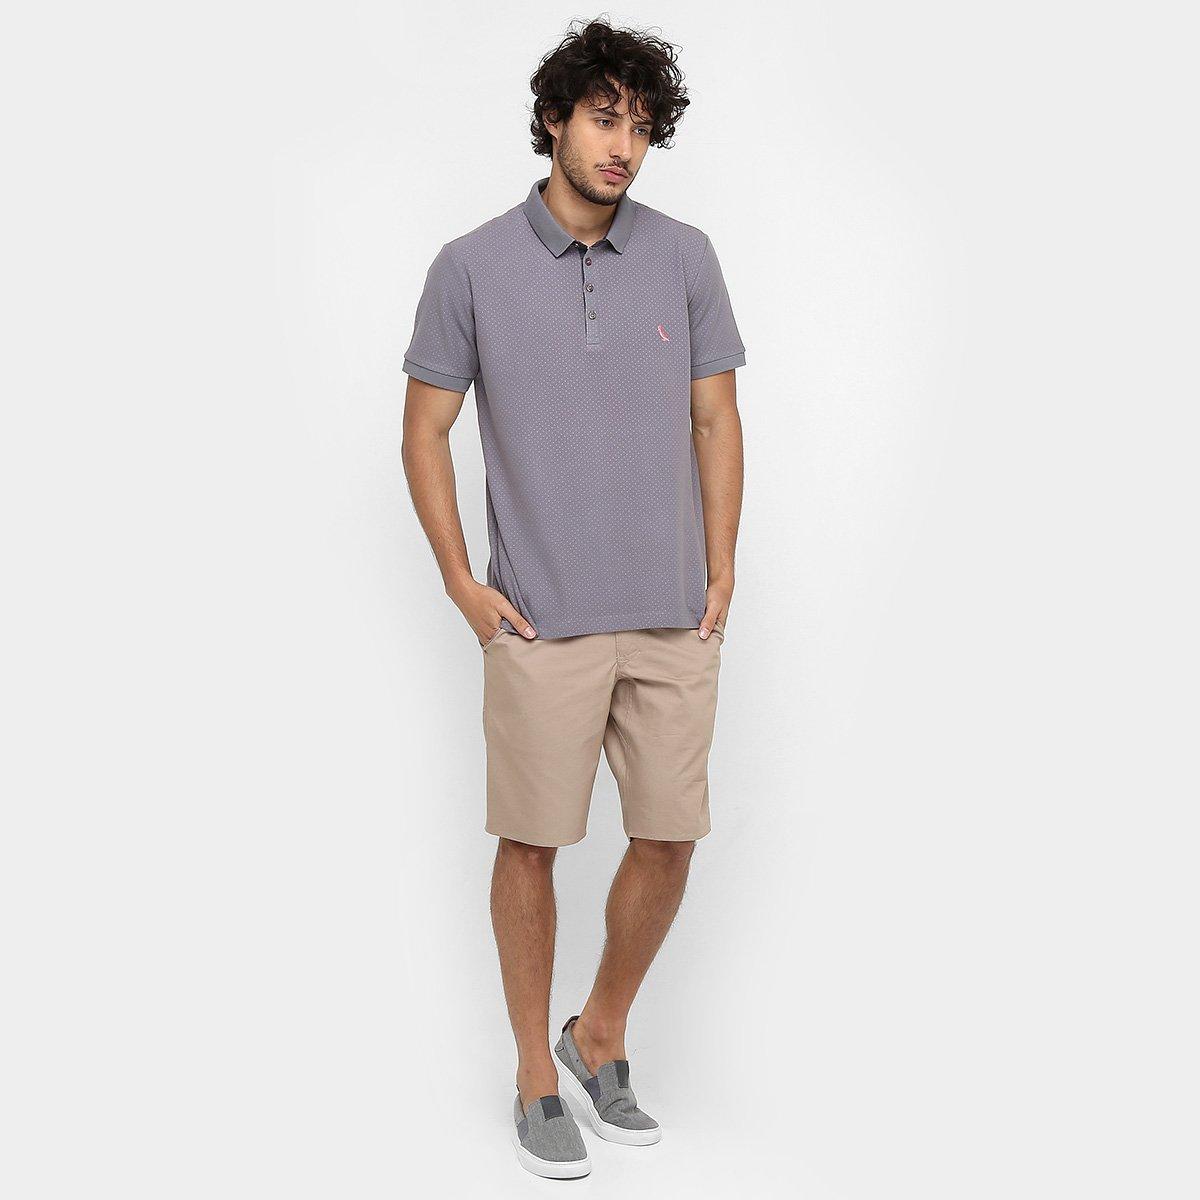 Camisas Polo Reserva Piquet poa color bordado logo 22837 - Compre ... e33a46fed44b0